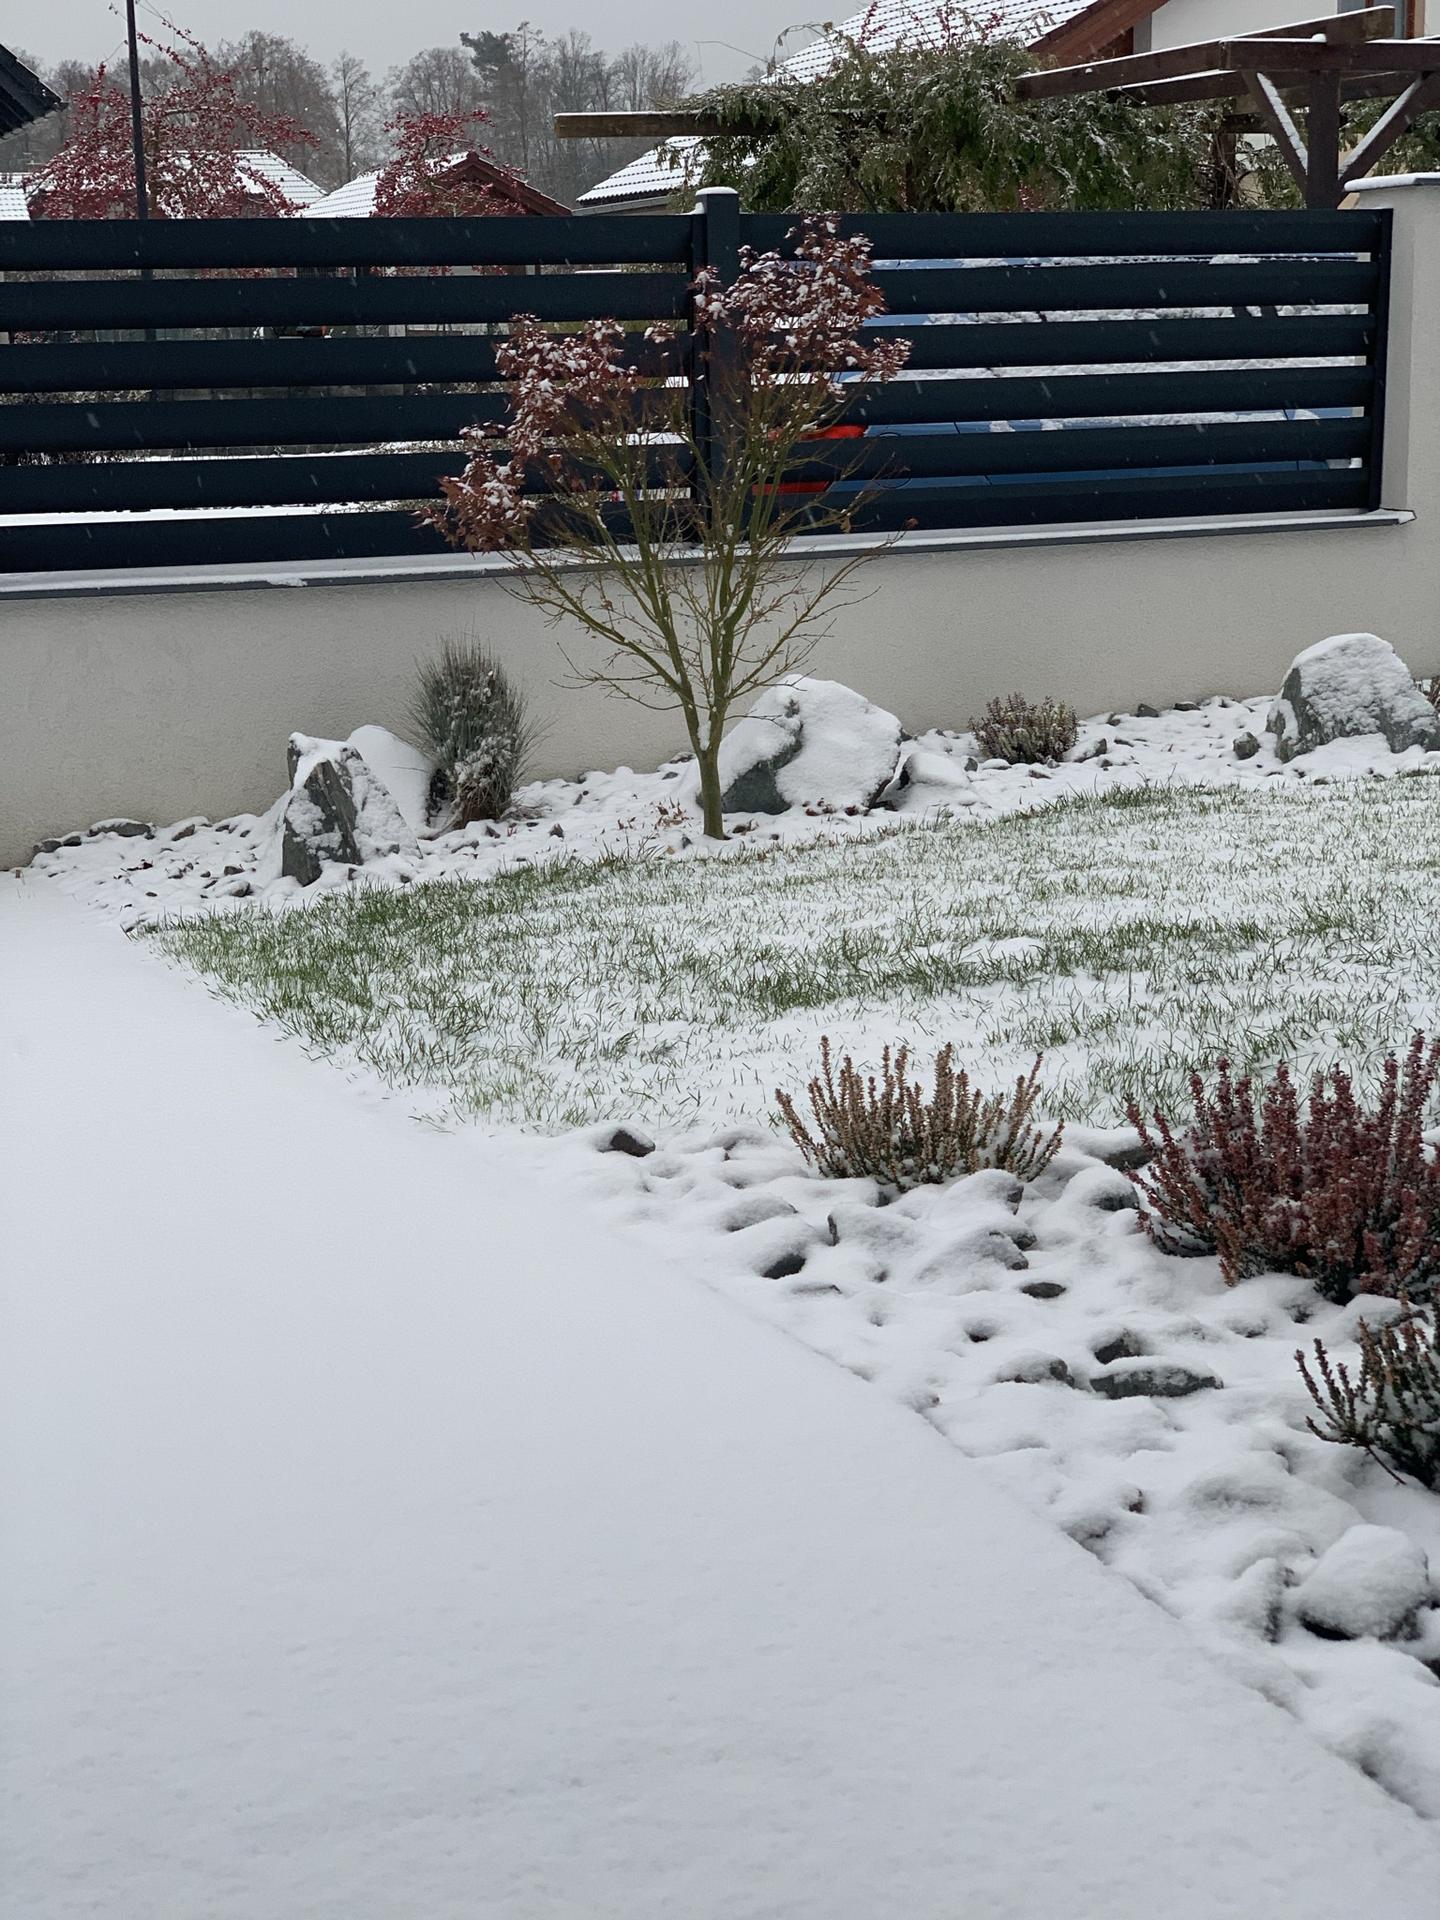 Ať je sníh i na vánoce :-) - Obrázek č. 2